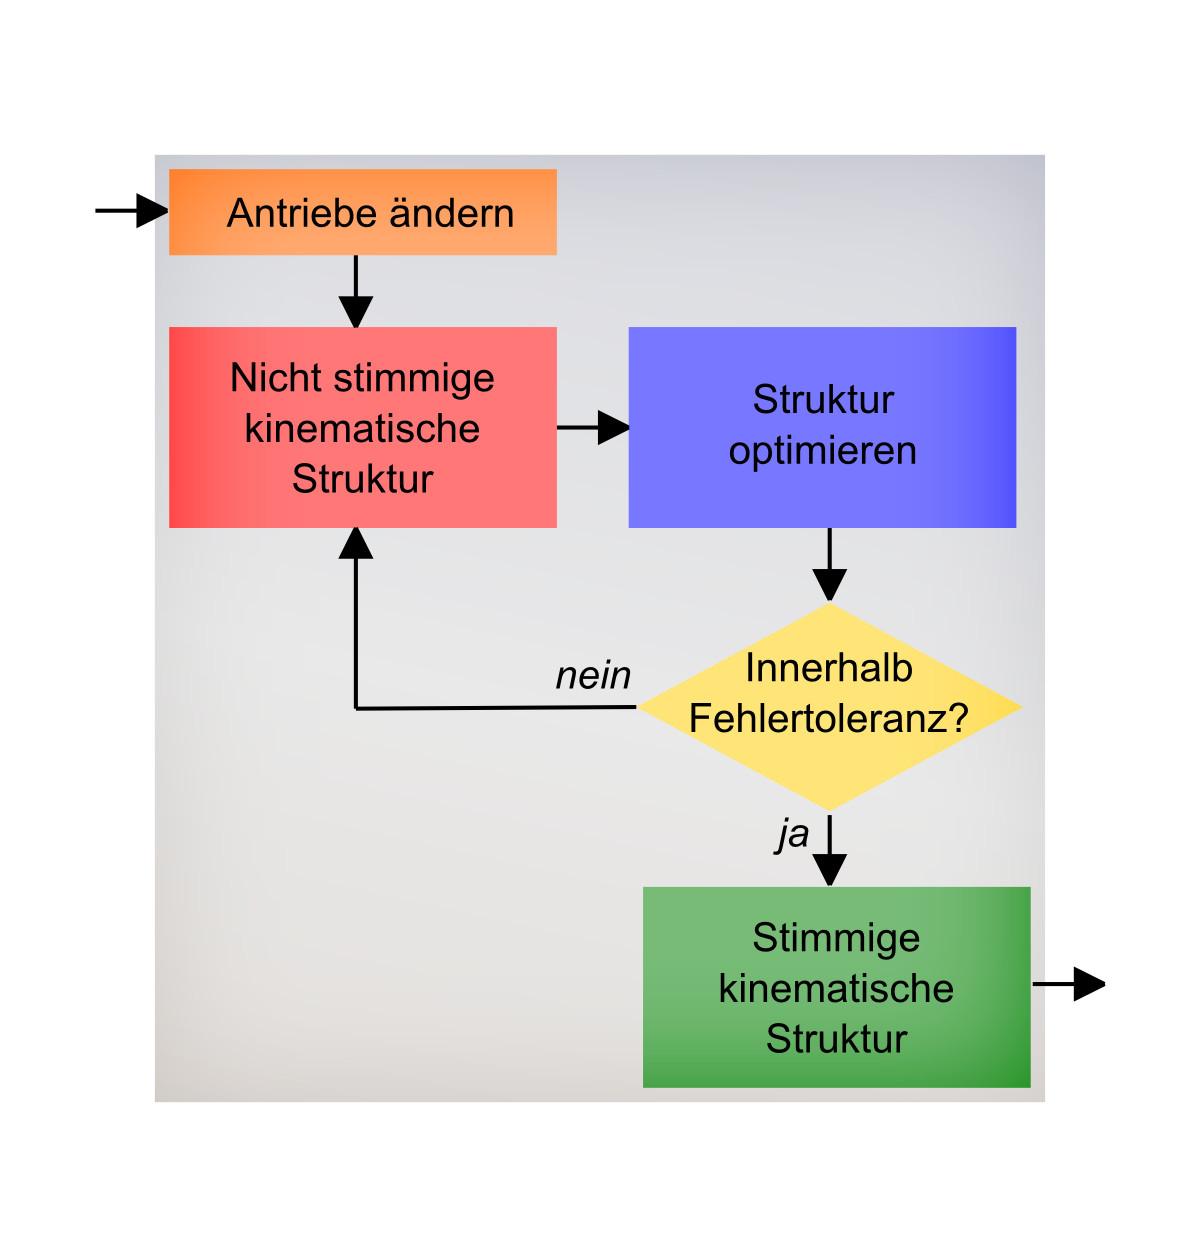 Lösungsverfahren basierend auf Optimierung